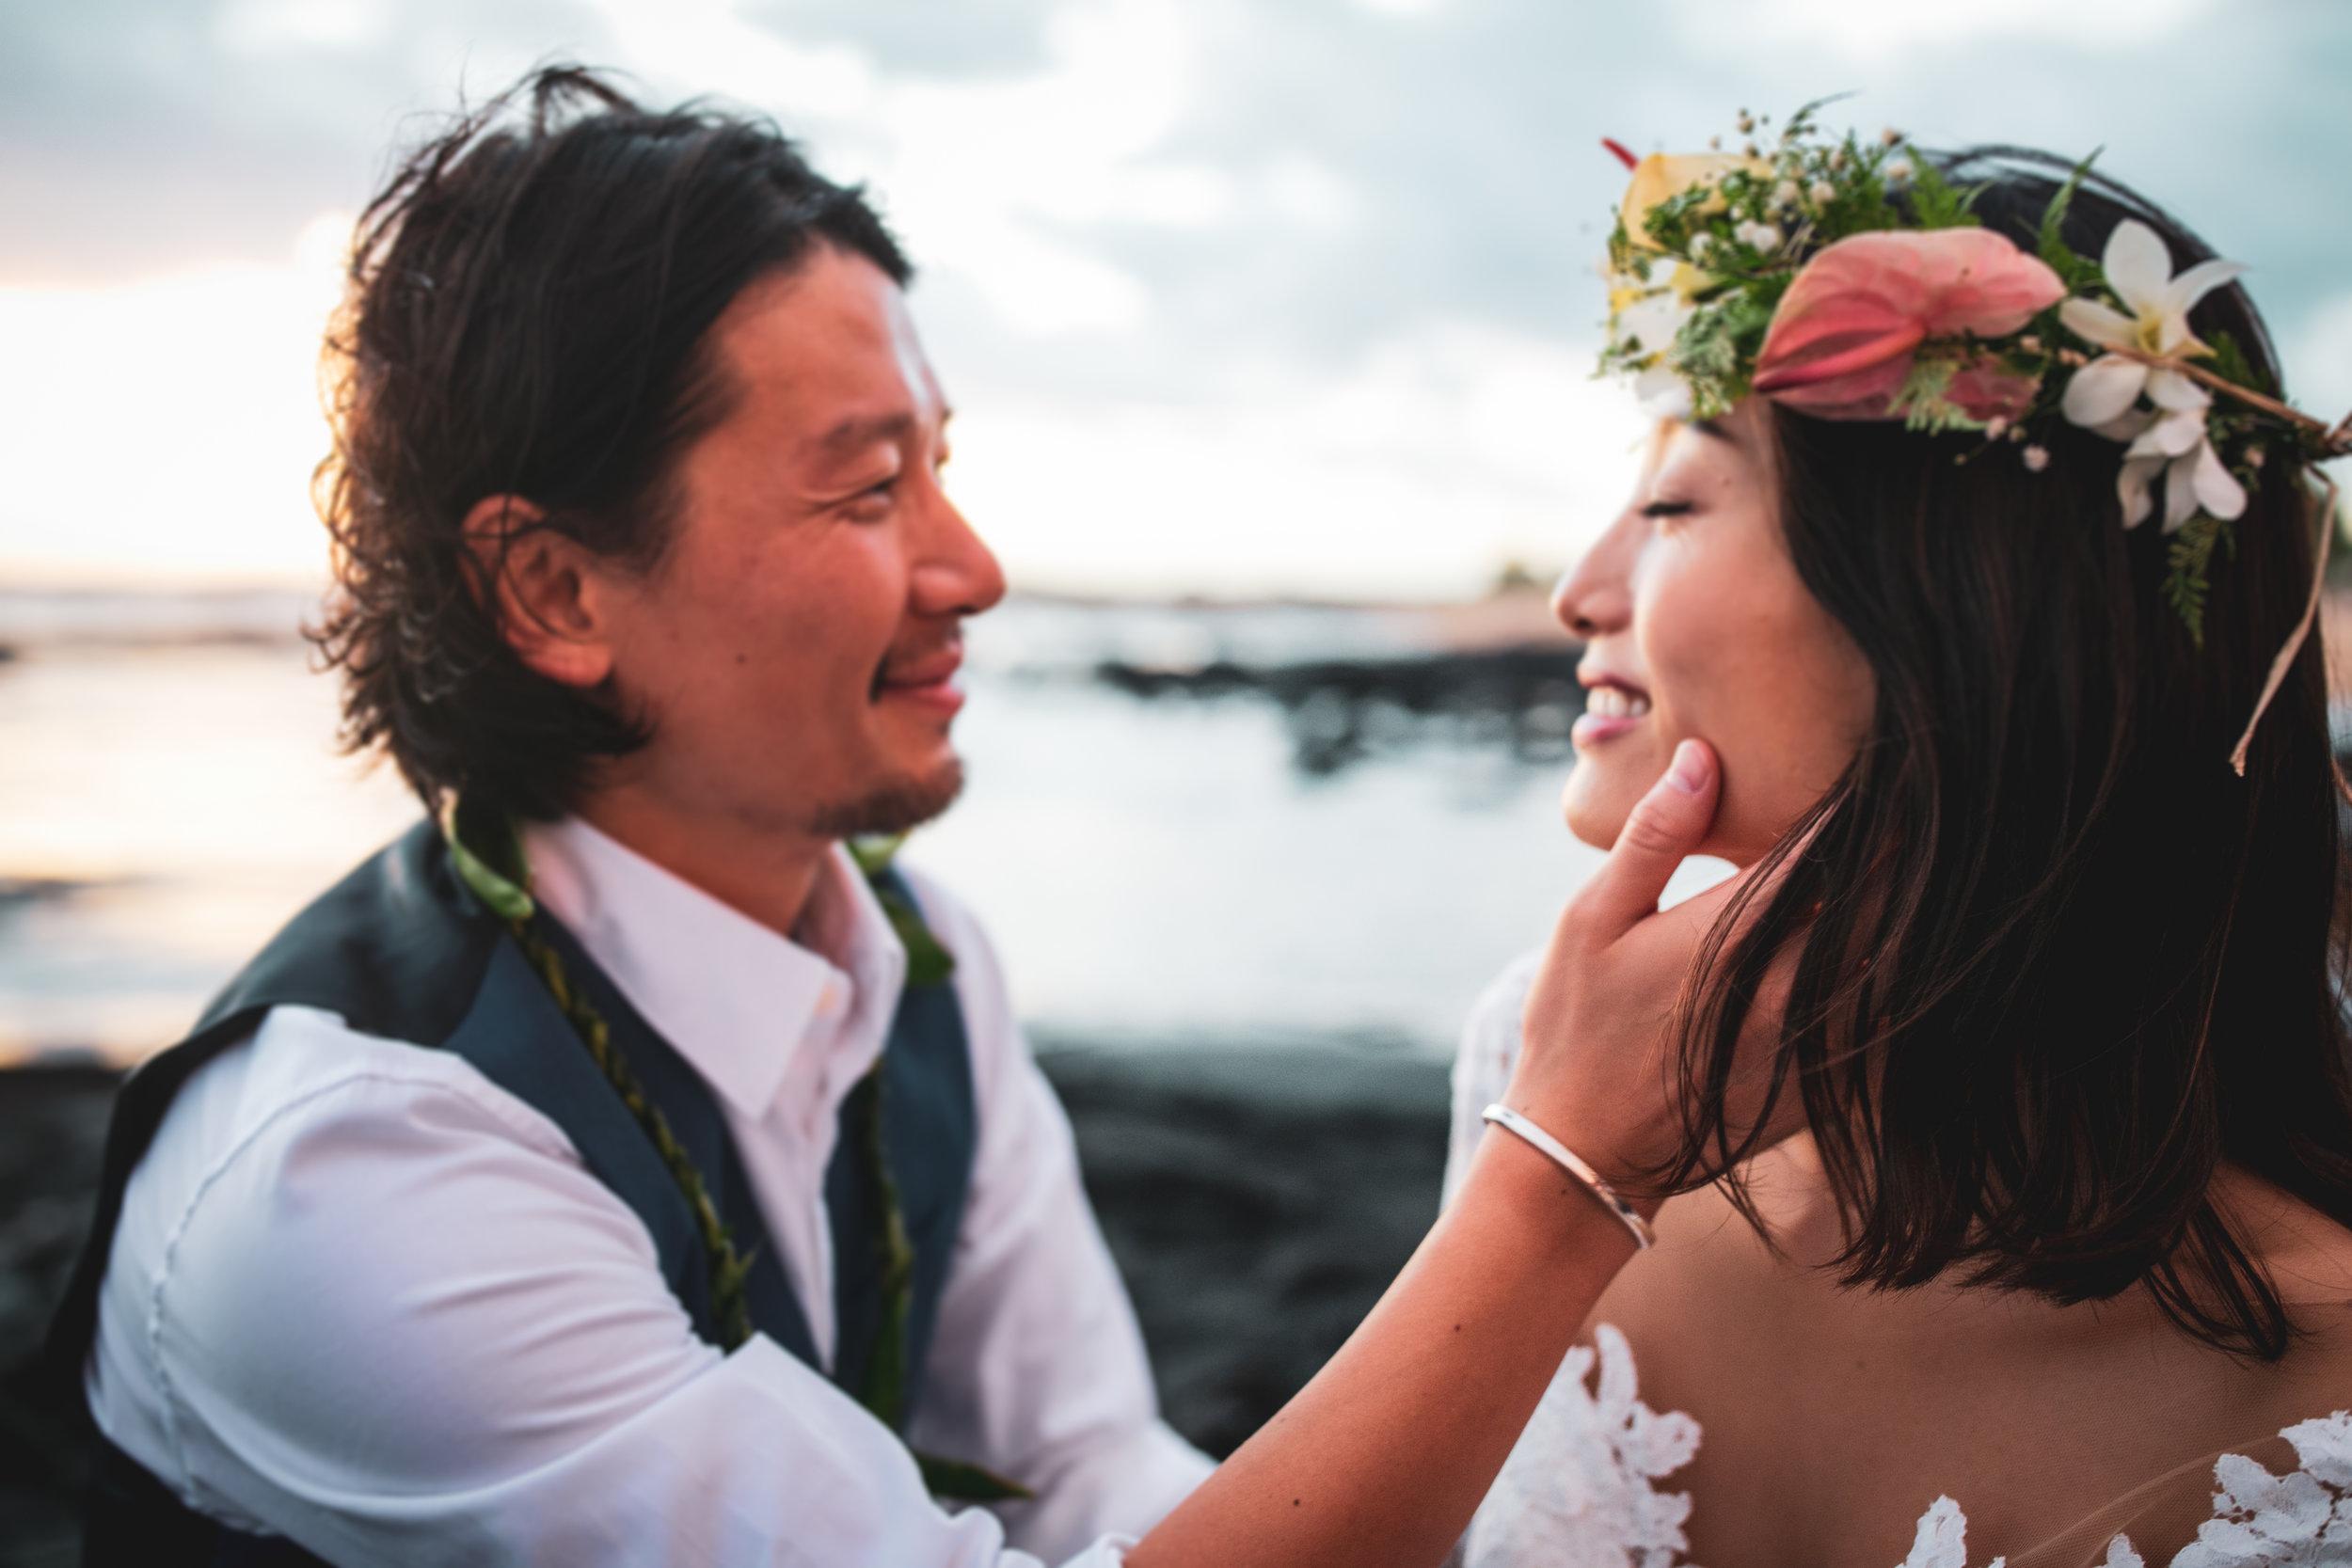 big island hawaii kelilina photography 20190711190825-1.jpg